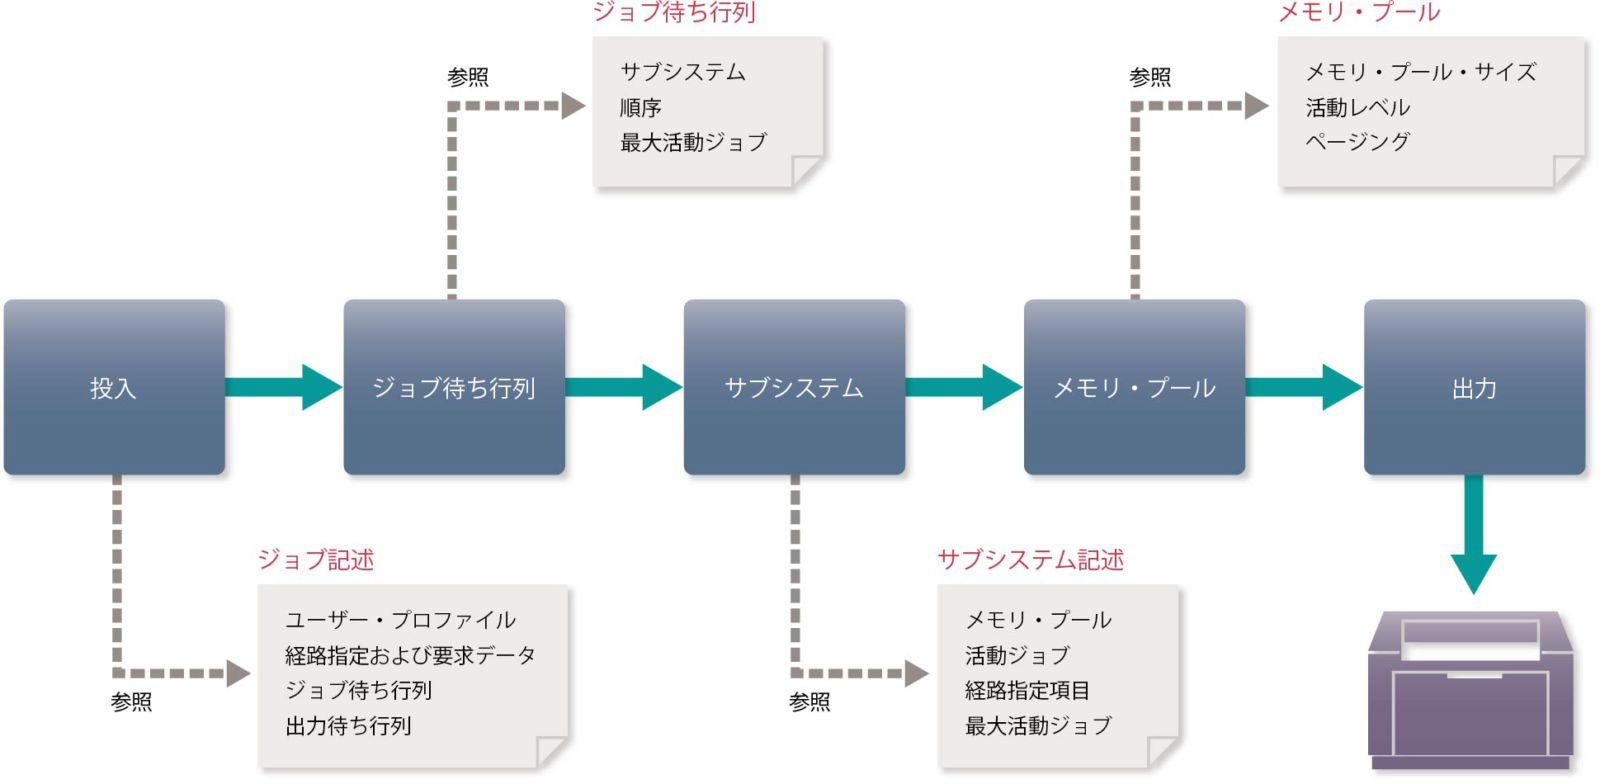 01 IBM iの実行環境 | アイマガ...